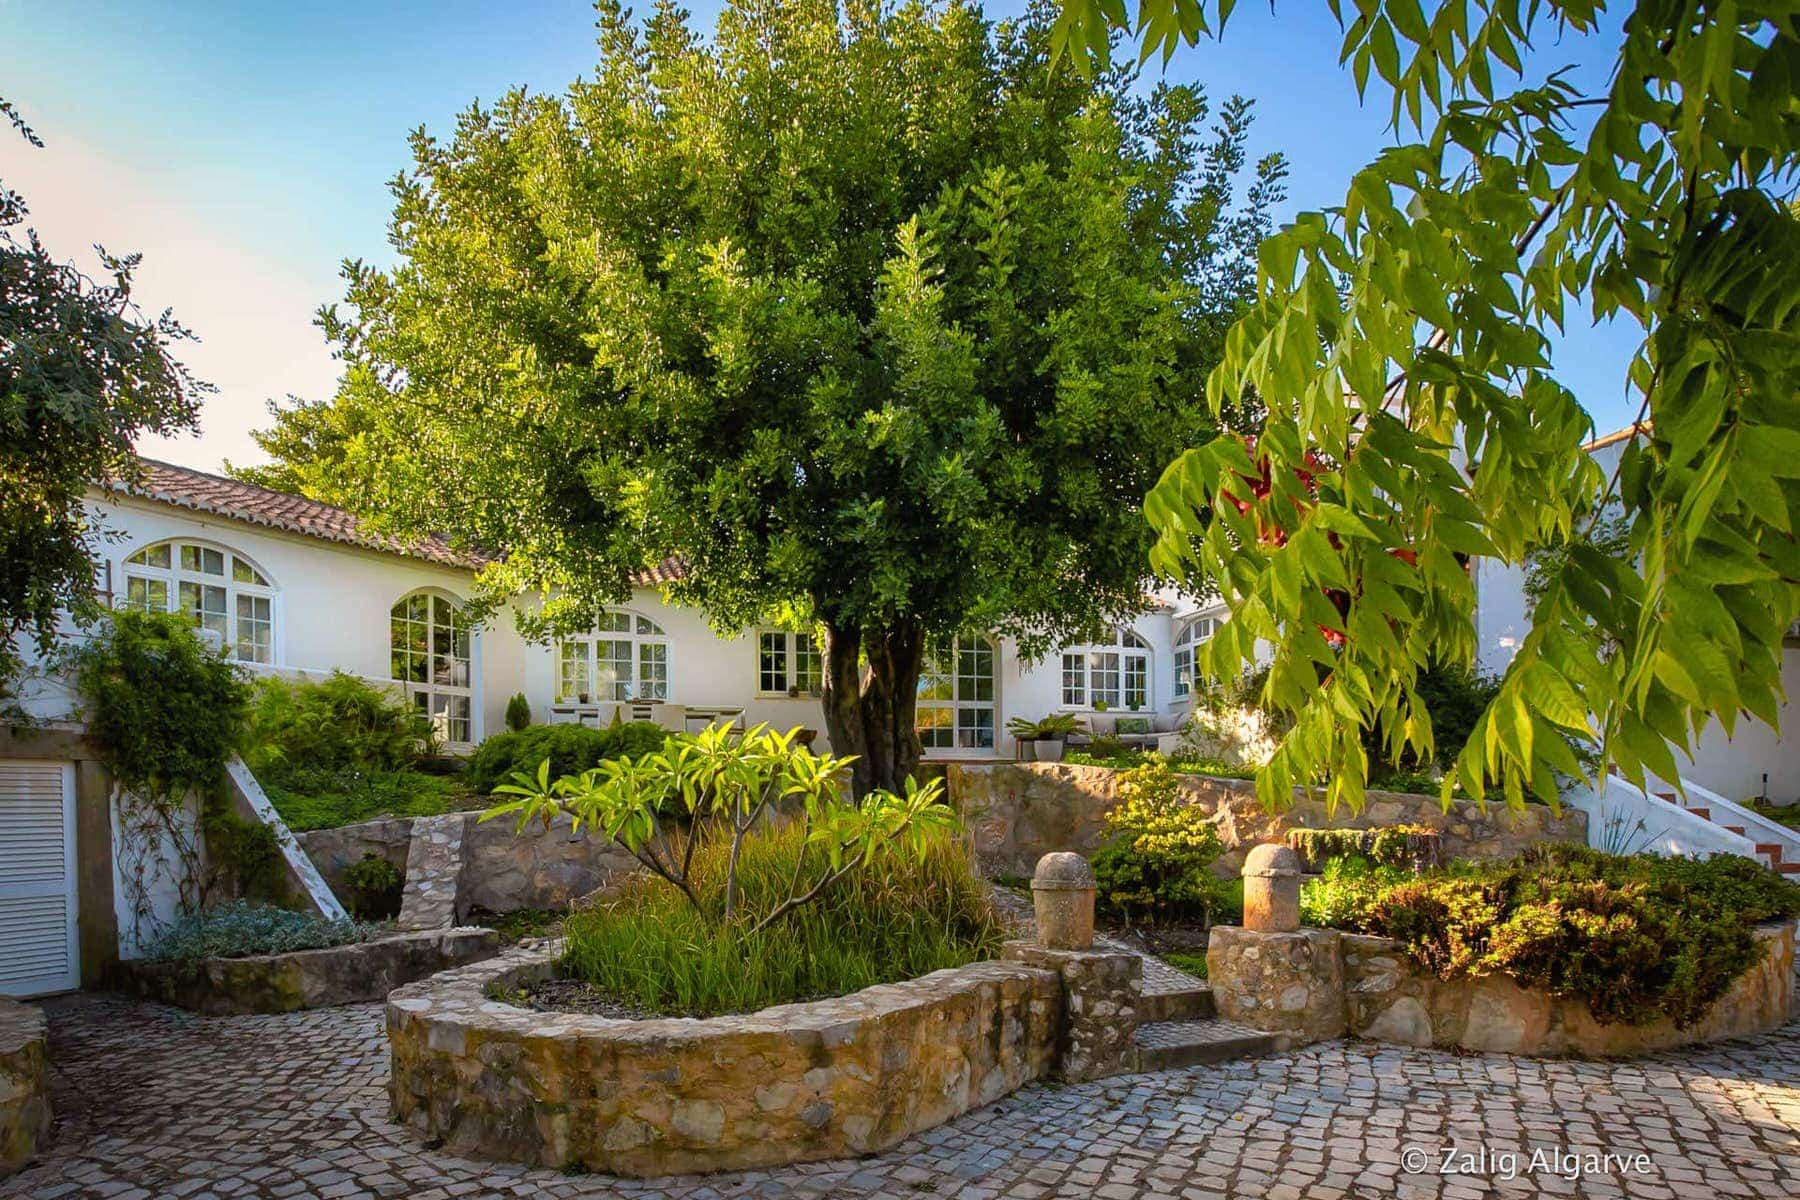 Mil-Arvores-Zalig-Algarve-11_1_1